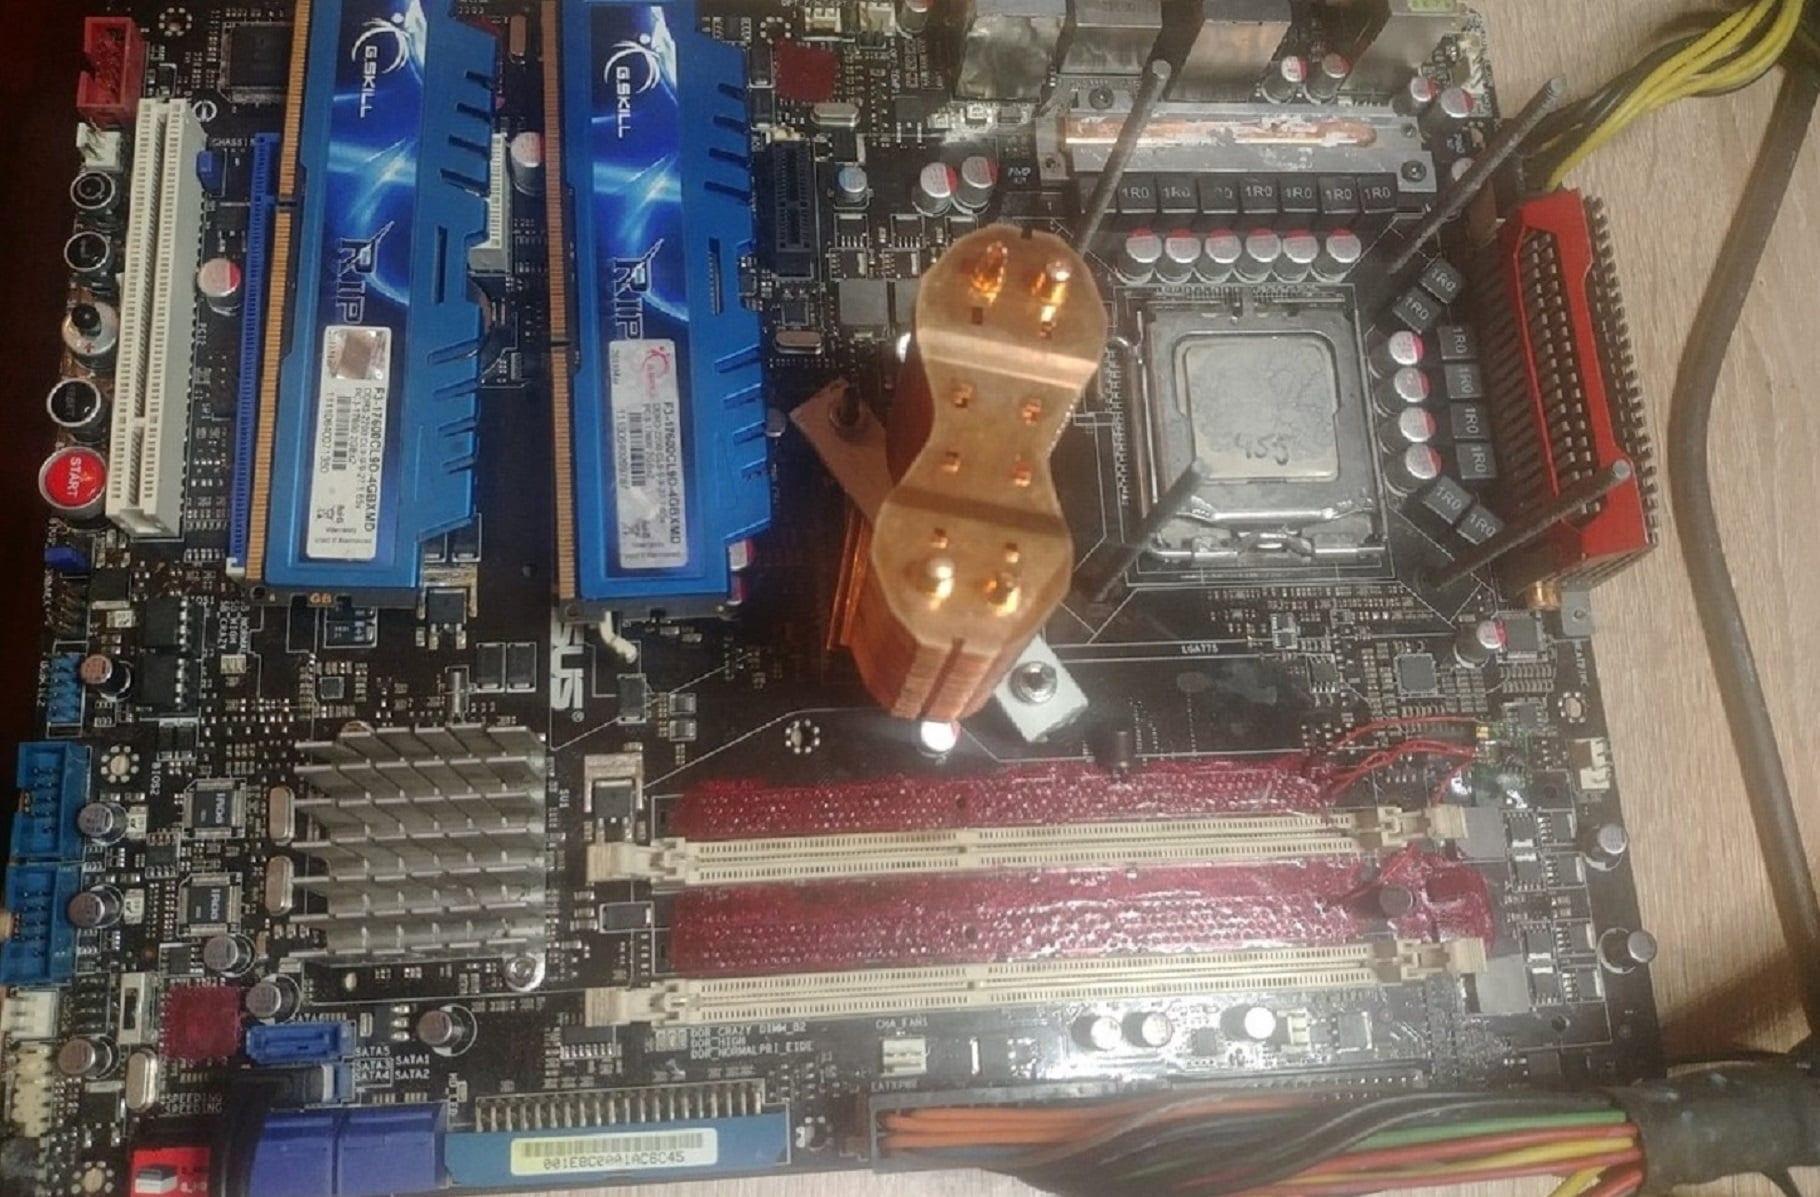 Intel Celeron 420 на частоте 4040.88МГц: TerraRaptor вновь заполучил несколько золотых медалей на платформе LGA 775